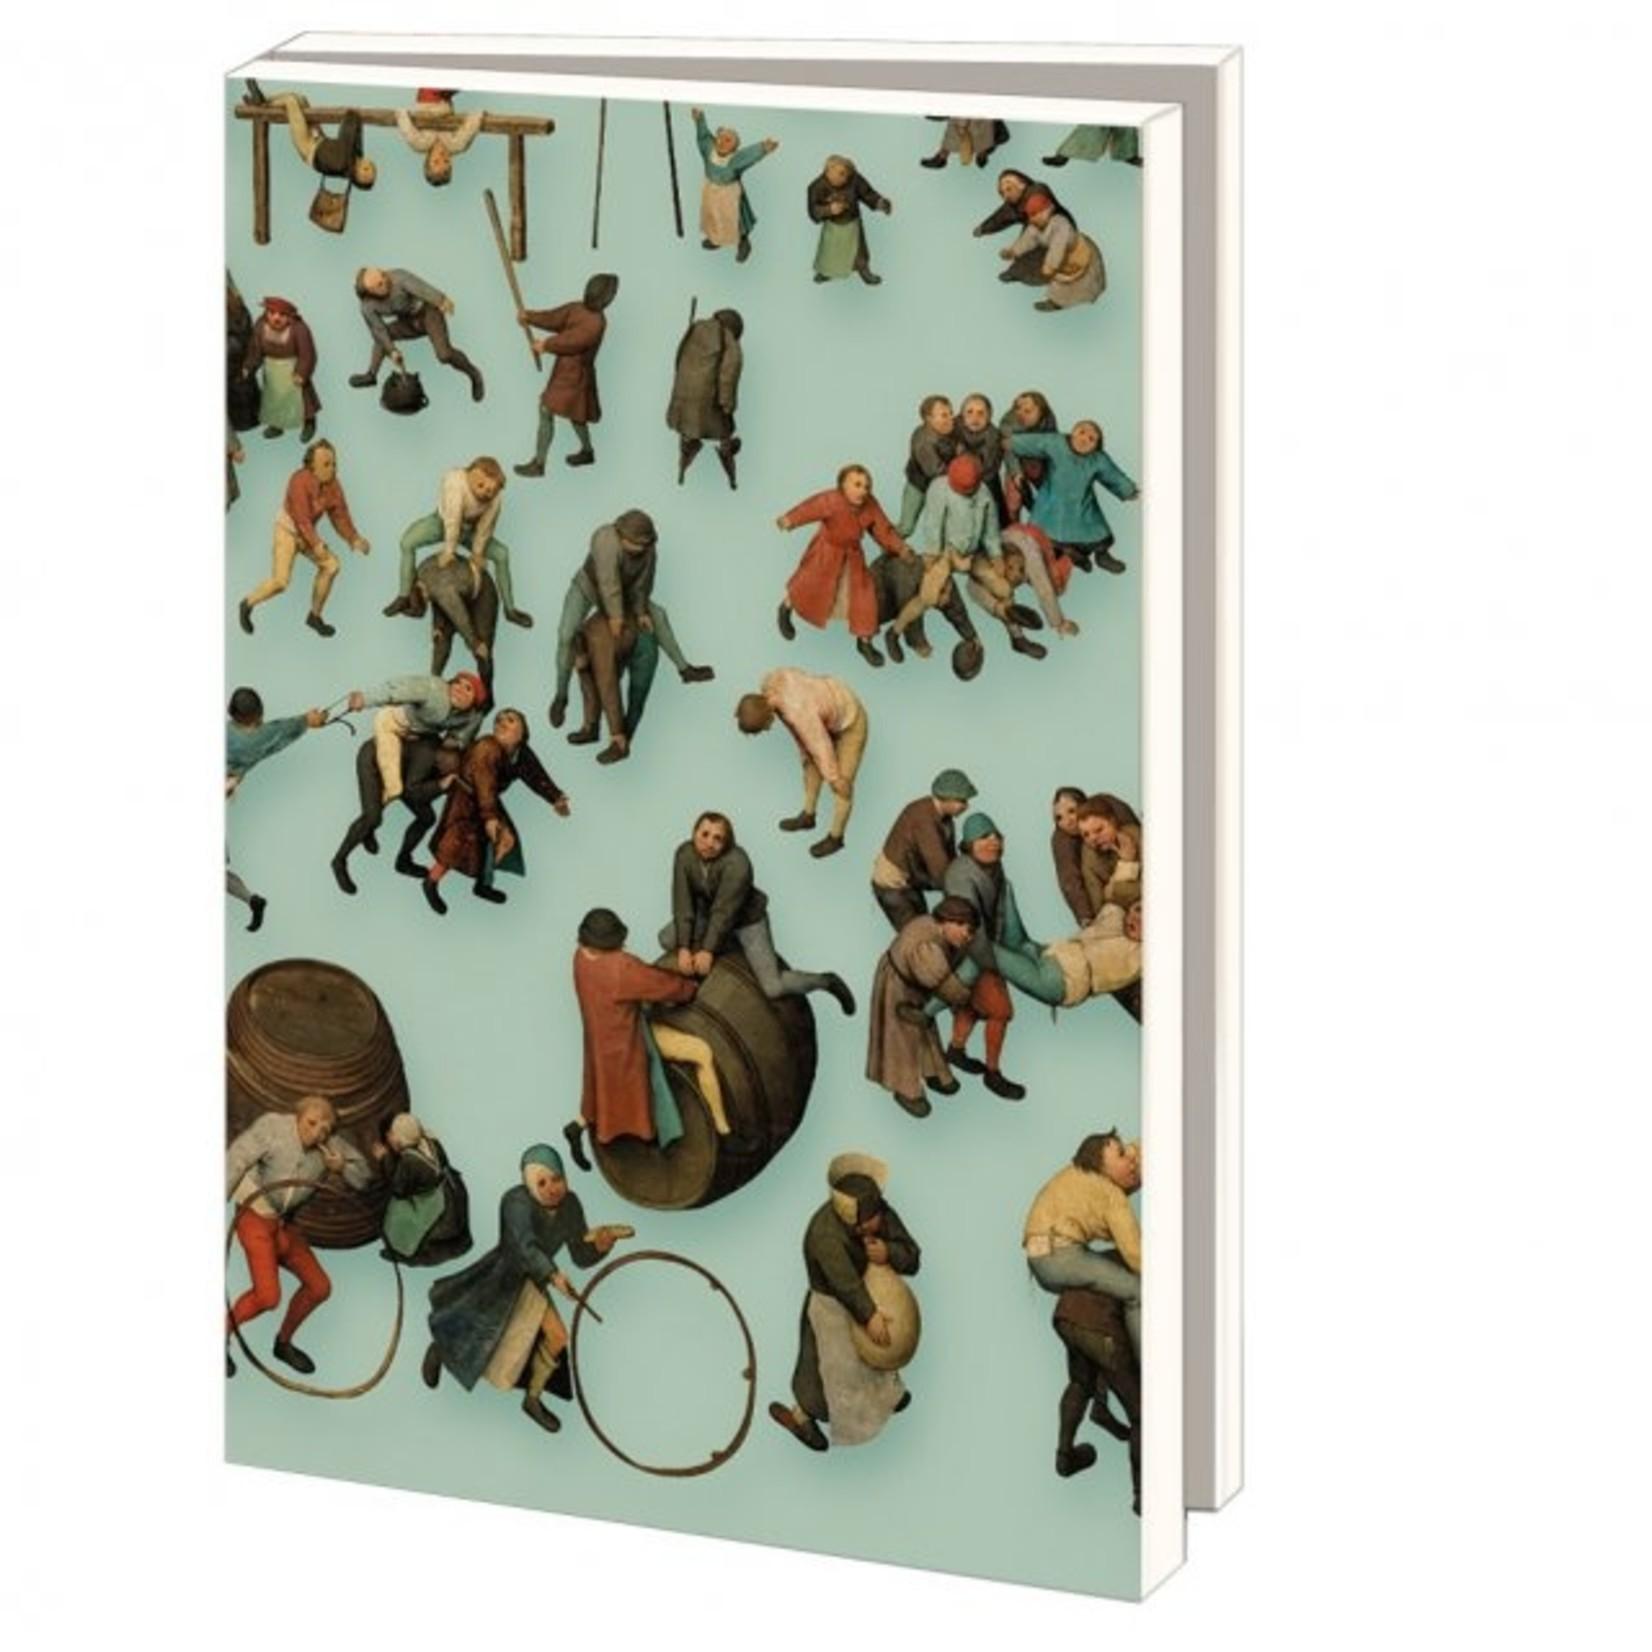 Bekking & Blitz Kaartenmap Kinderspiele van Pieter Bruegel